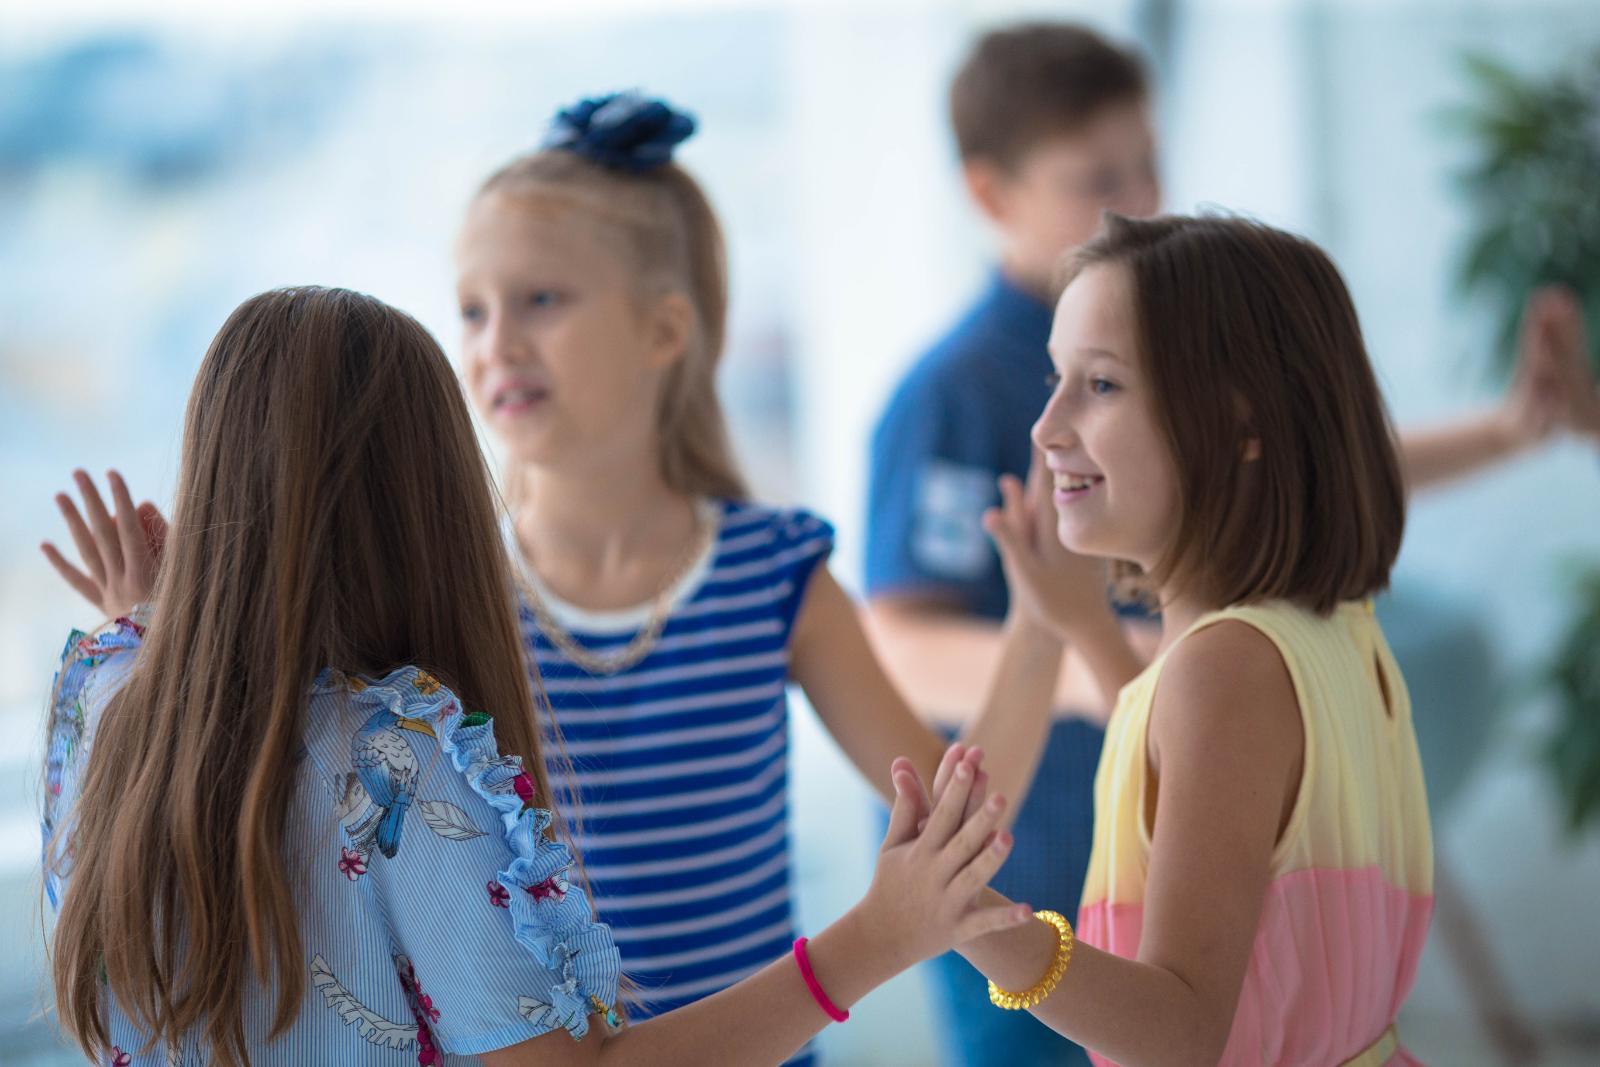 Занятия в детской театрально-танцевальной студии проходят в центре города, в пяти минутах ходьбы от метро Маяковская/пл. Восстания и в трех минутах от Невского проспекта. По адресу ул. Пушкинская д.9.